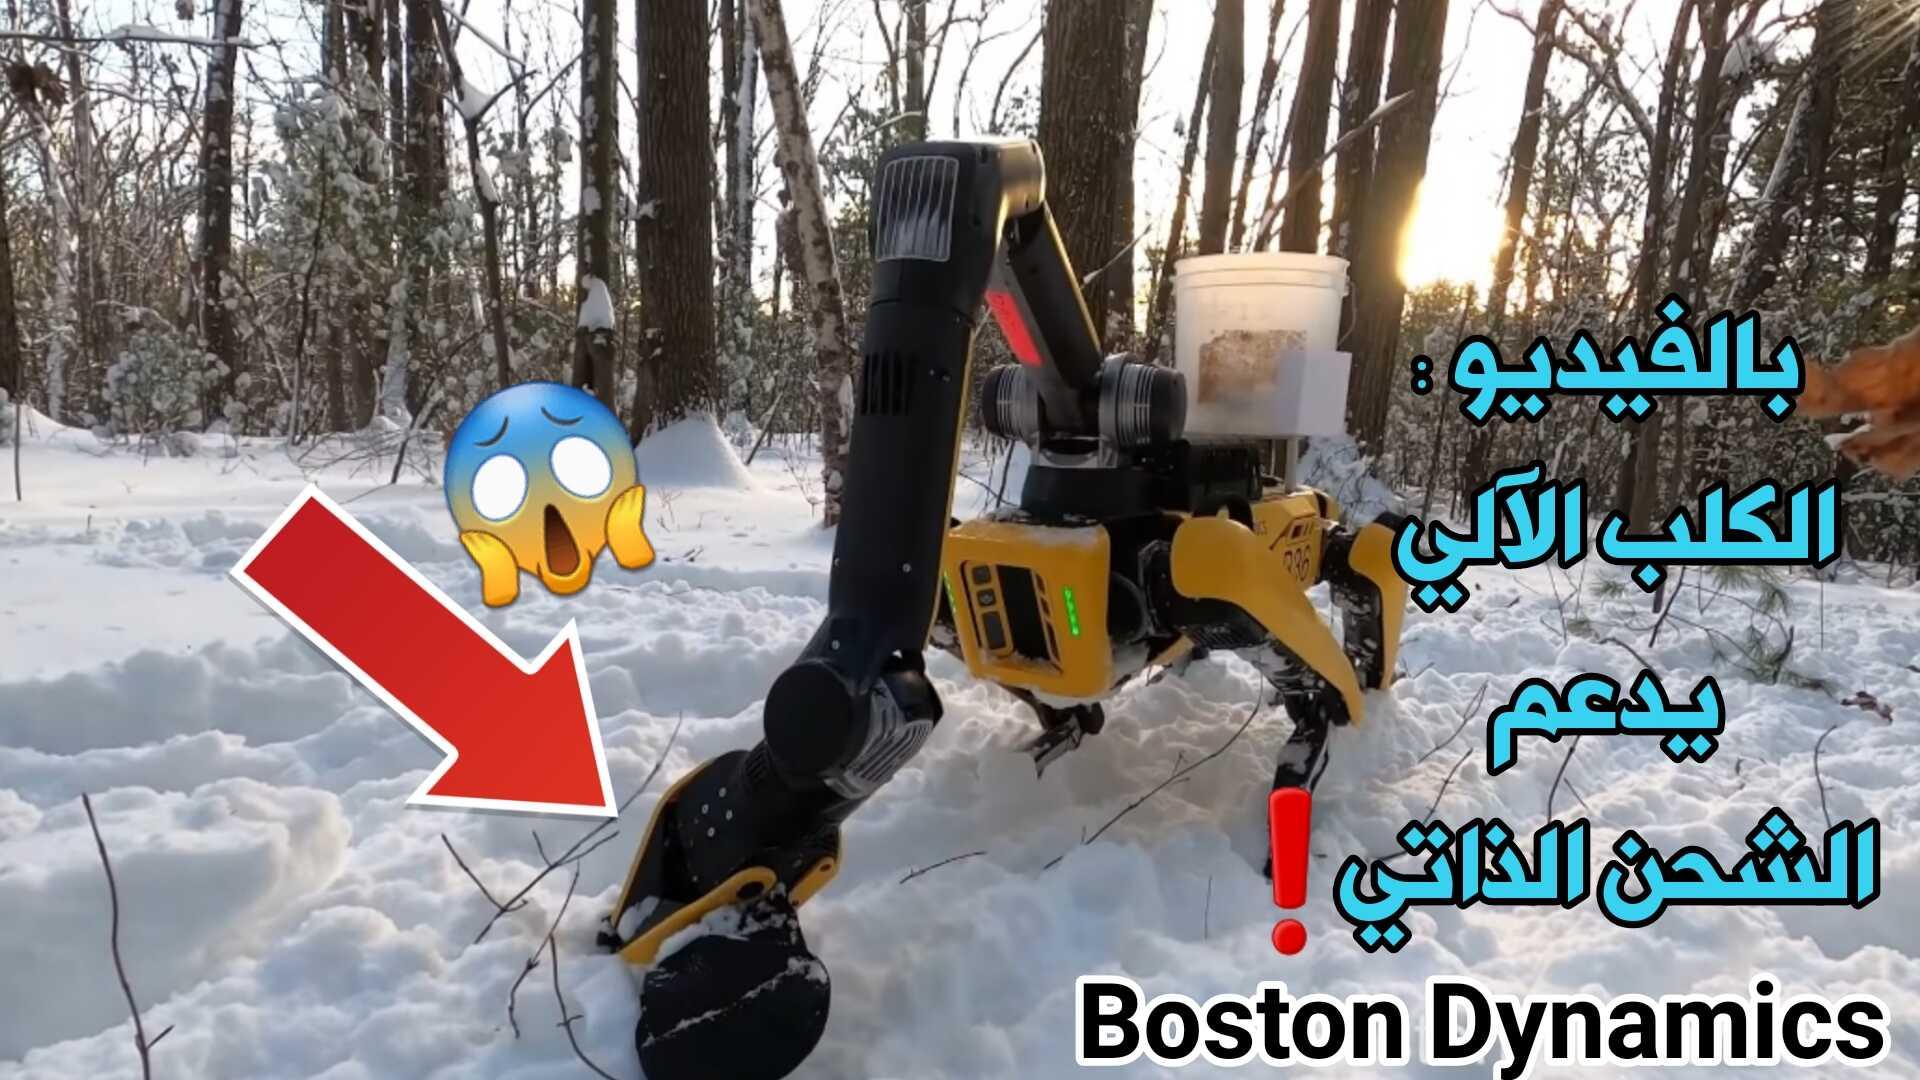 بالفيديو : الكلب الآلي Boston Dynamics يدعم الشحن الذاتي